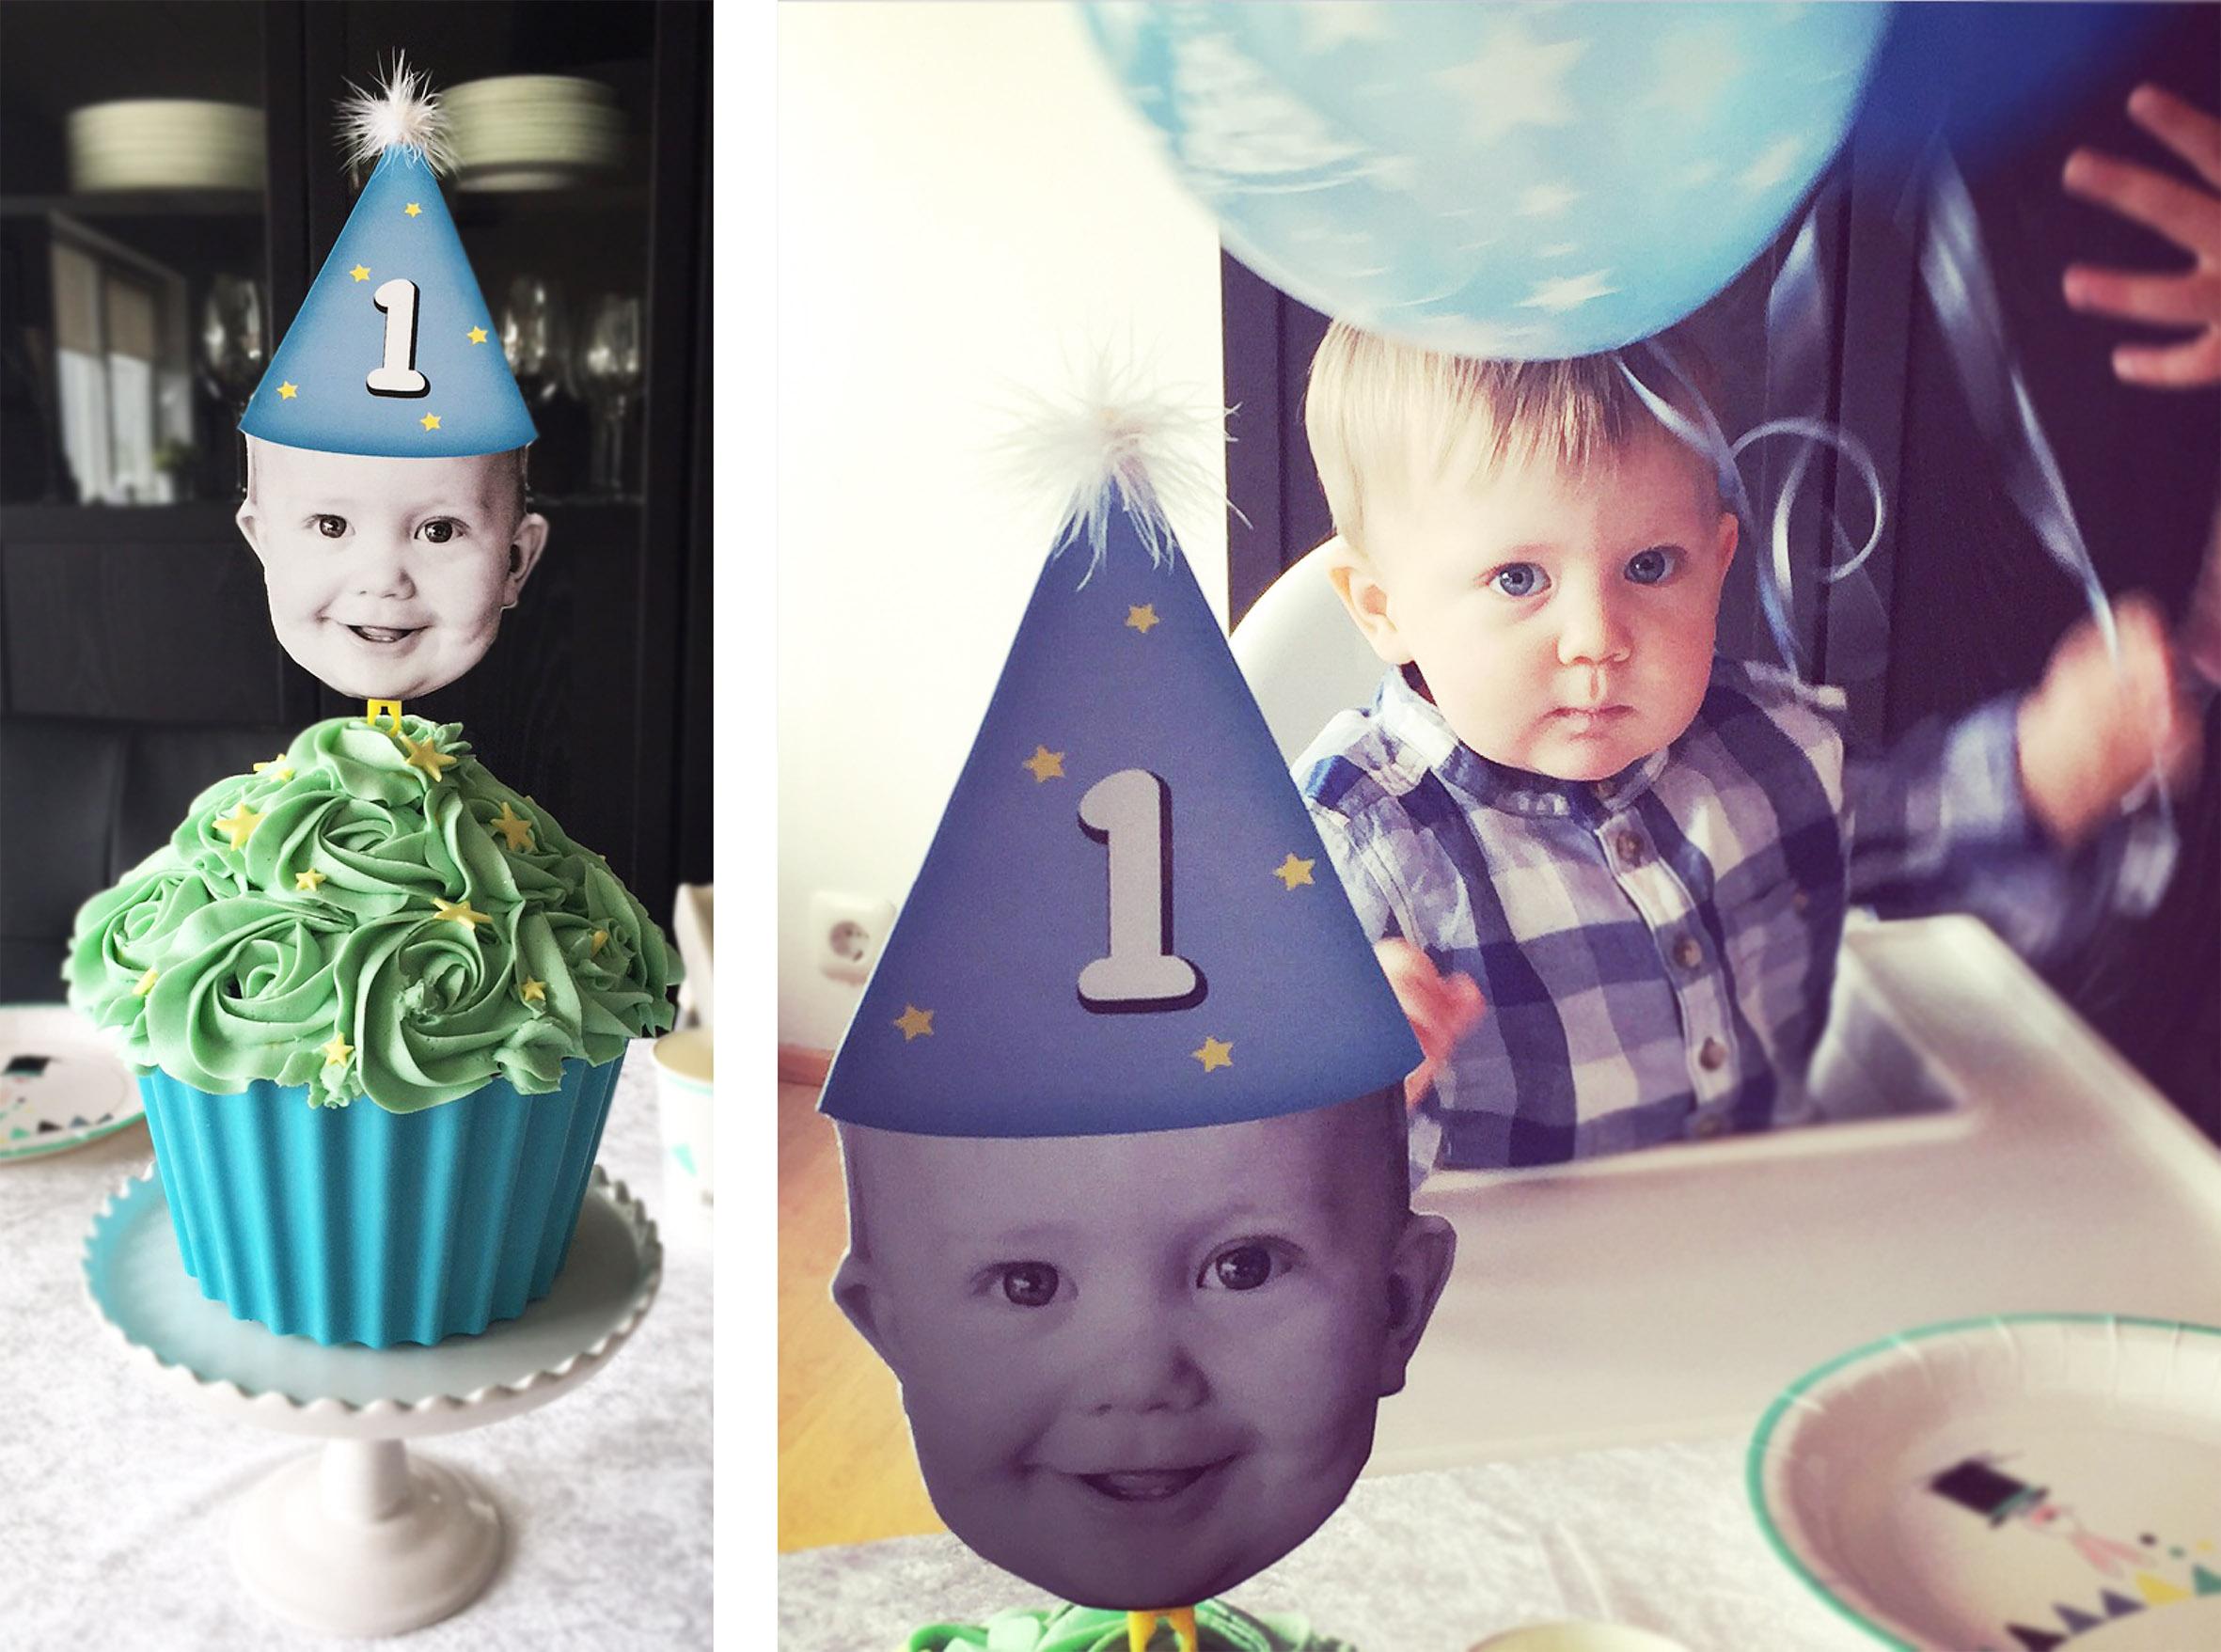 Gunnar-hattur-collage.jpg